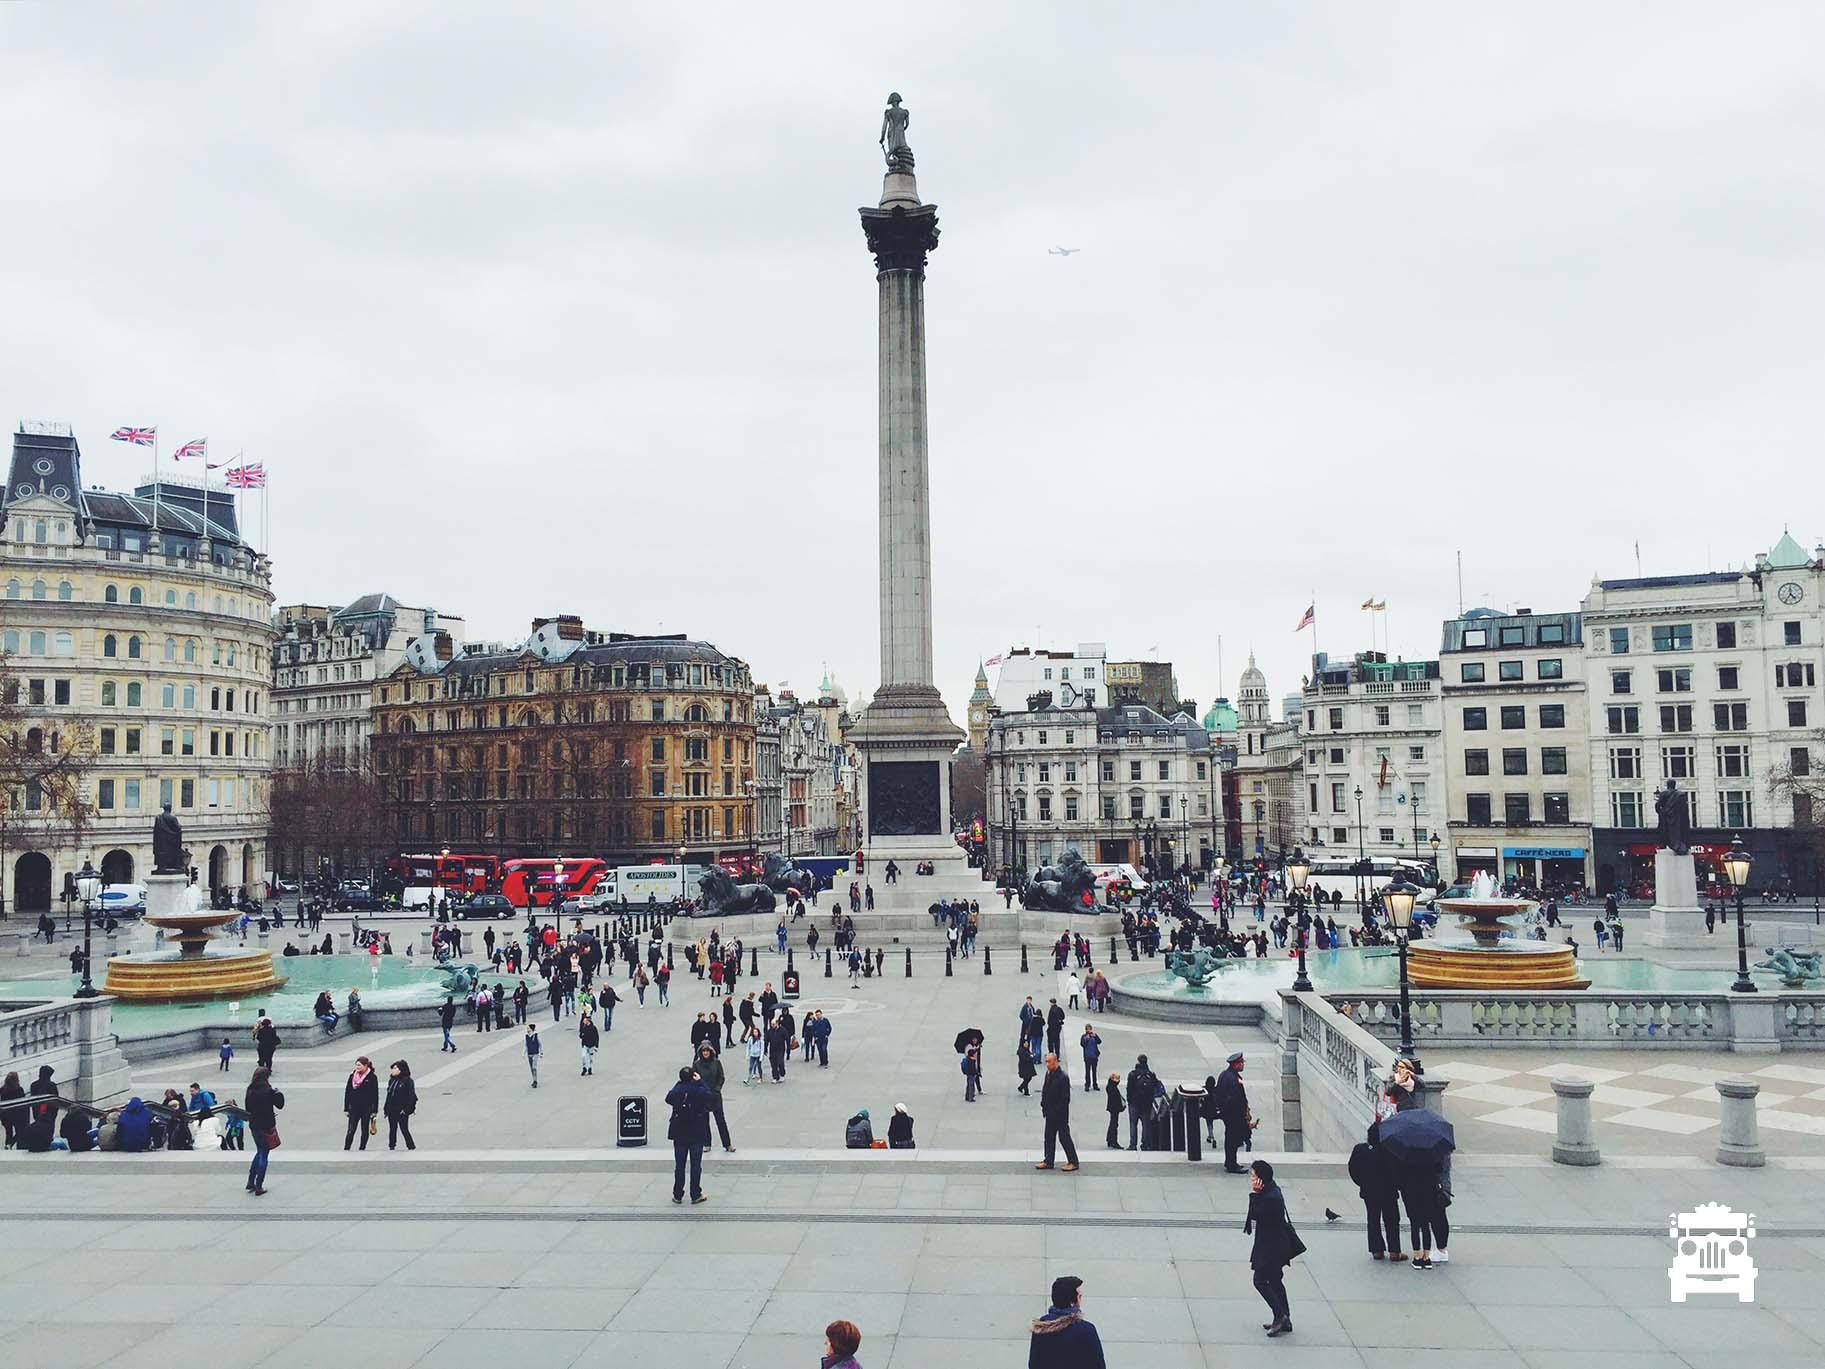 This is what Trafalgar Square looks like dry